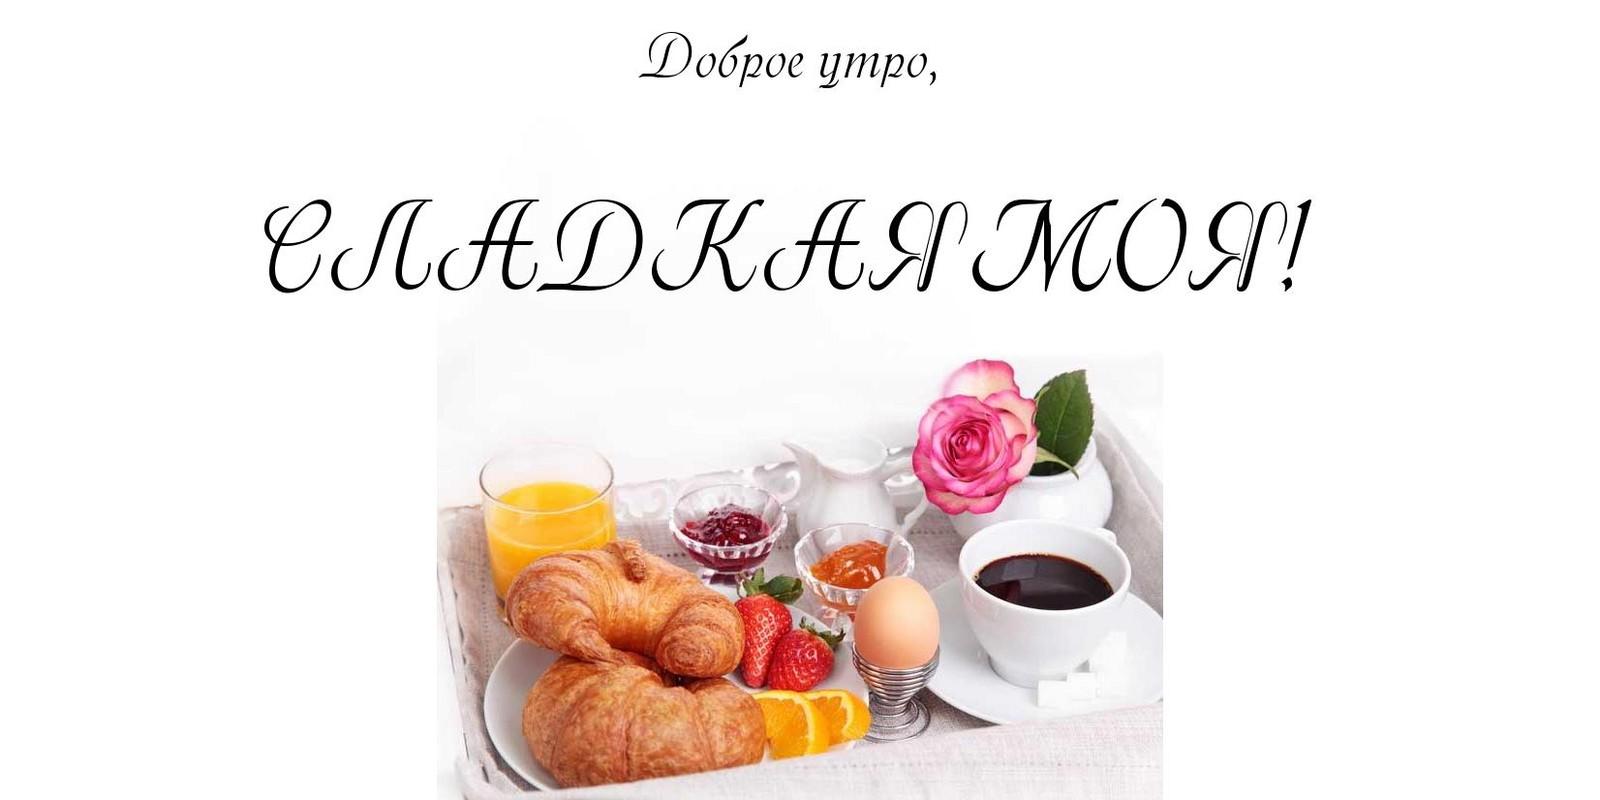 Доброе утро жена открытка 23